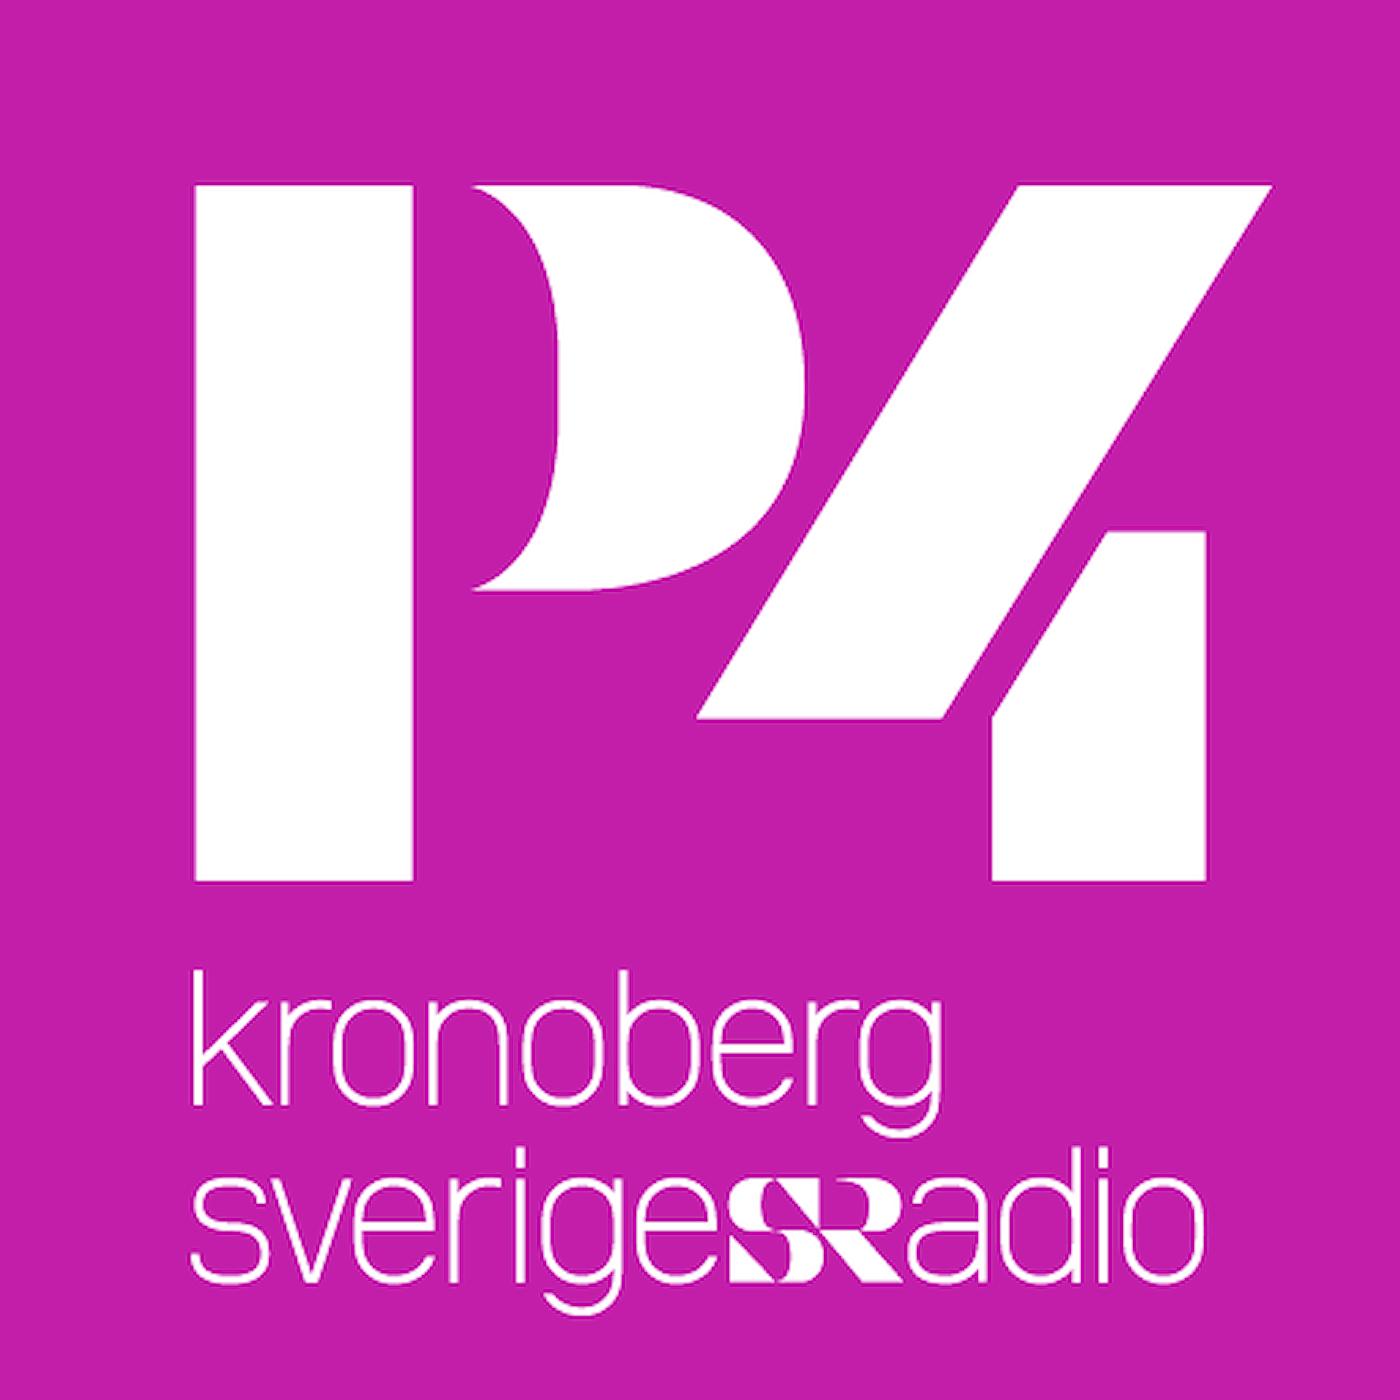 Nyheter från Kronoberg